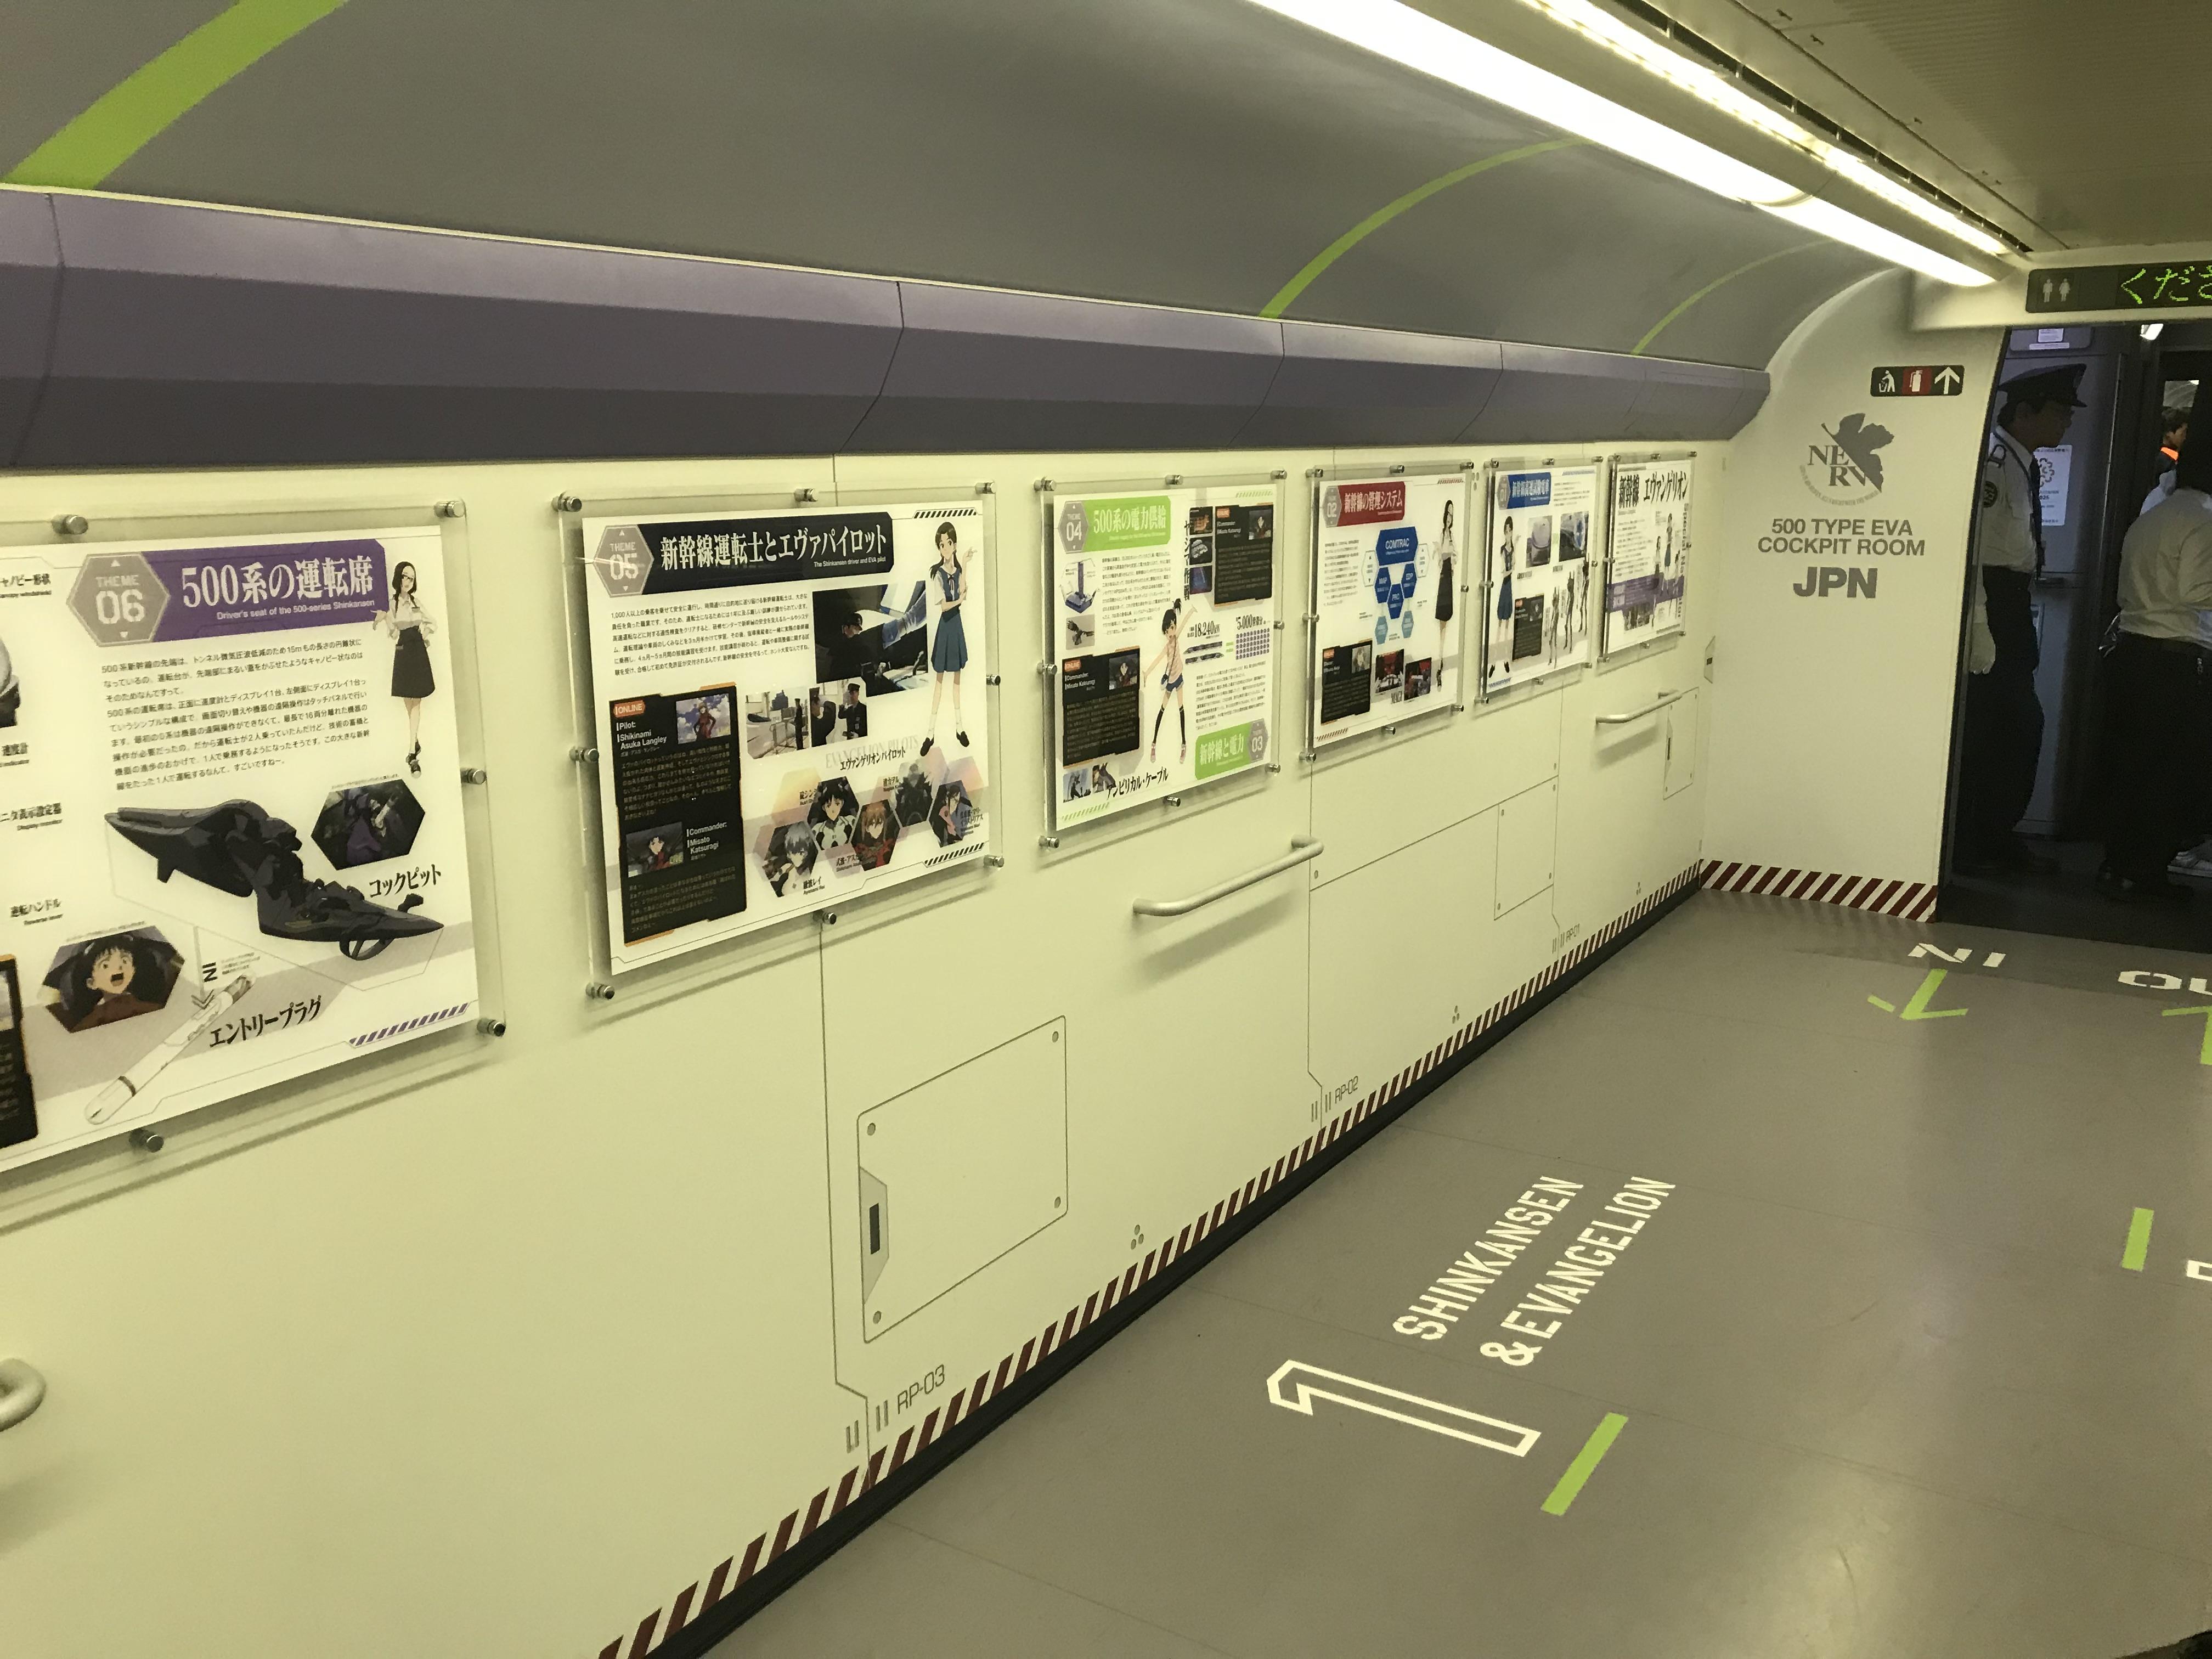 「500 TYPE EVA 展示・体験ルーム」